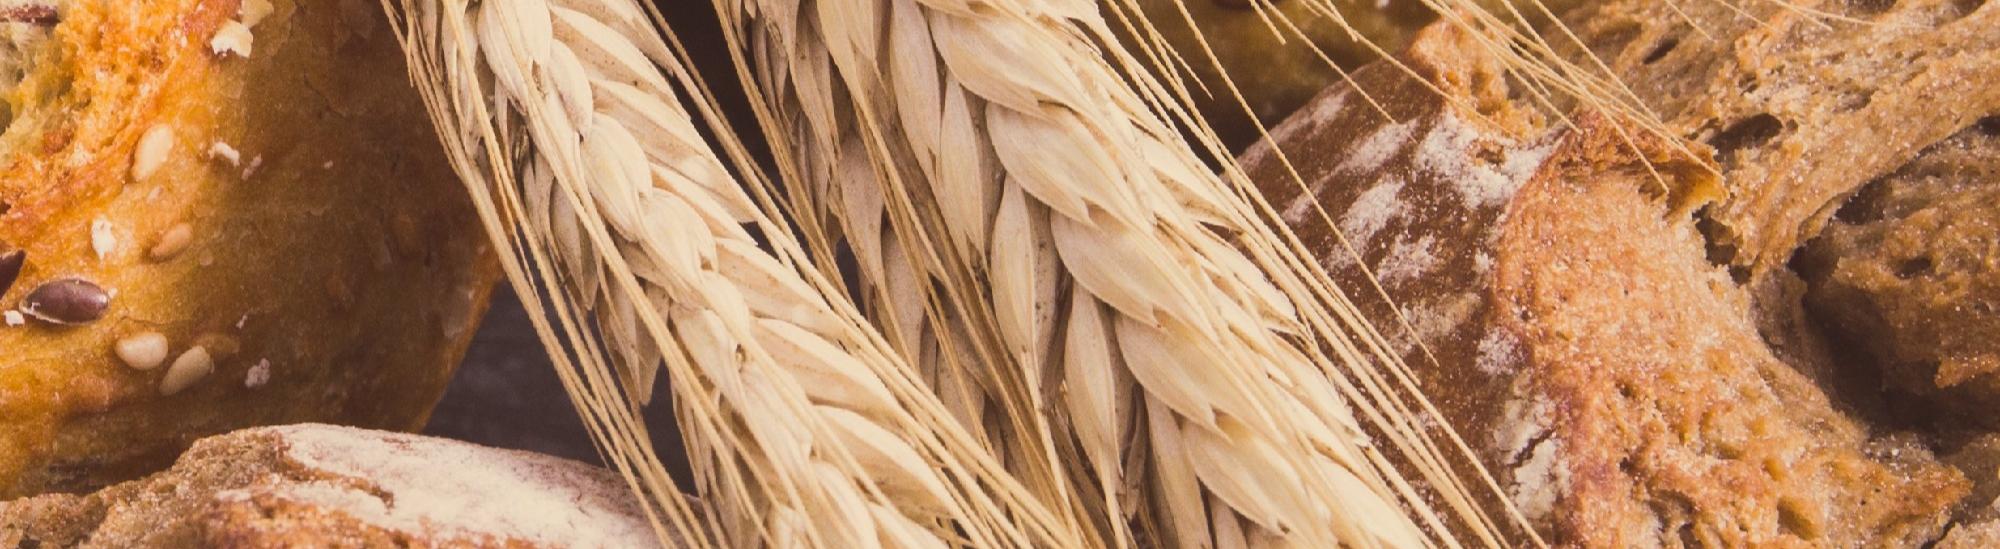 Ruokahävikki rasittaa taloutta ja ympäristöä_2-1-3